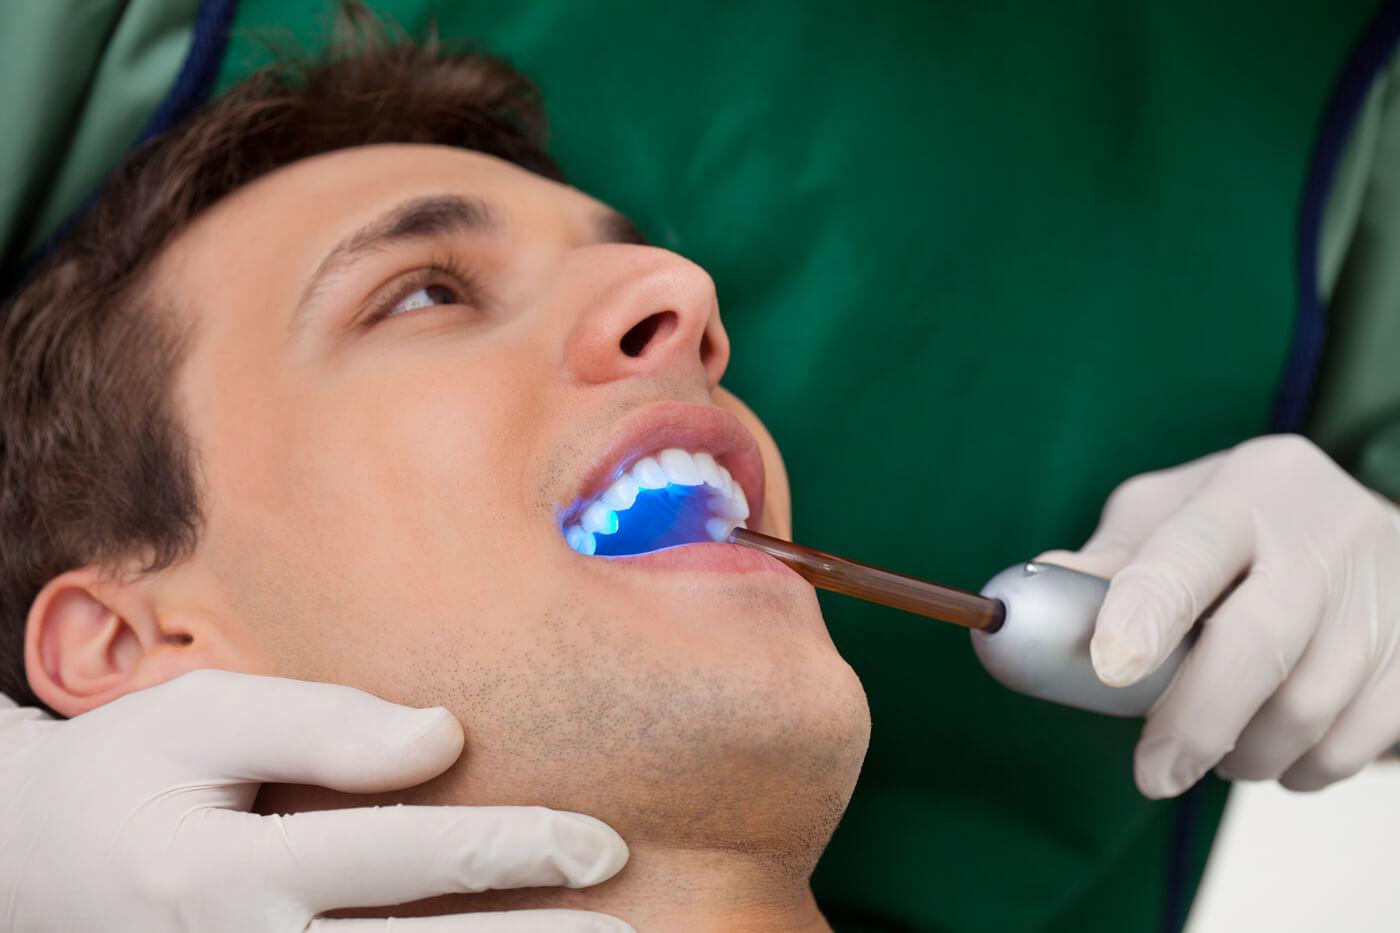 Man getting dental sealants in Conroe, TX